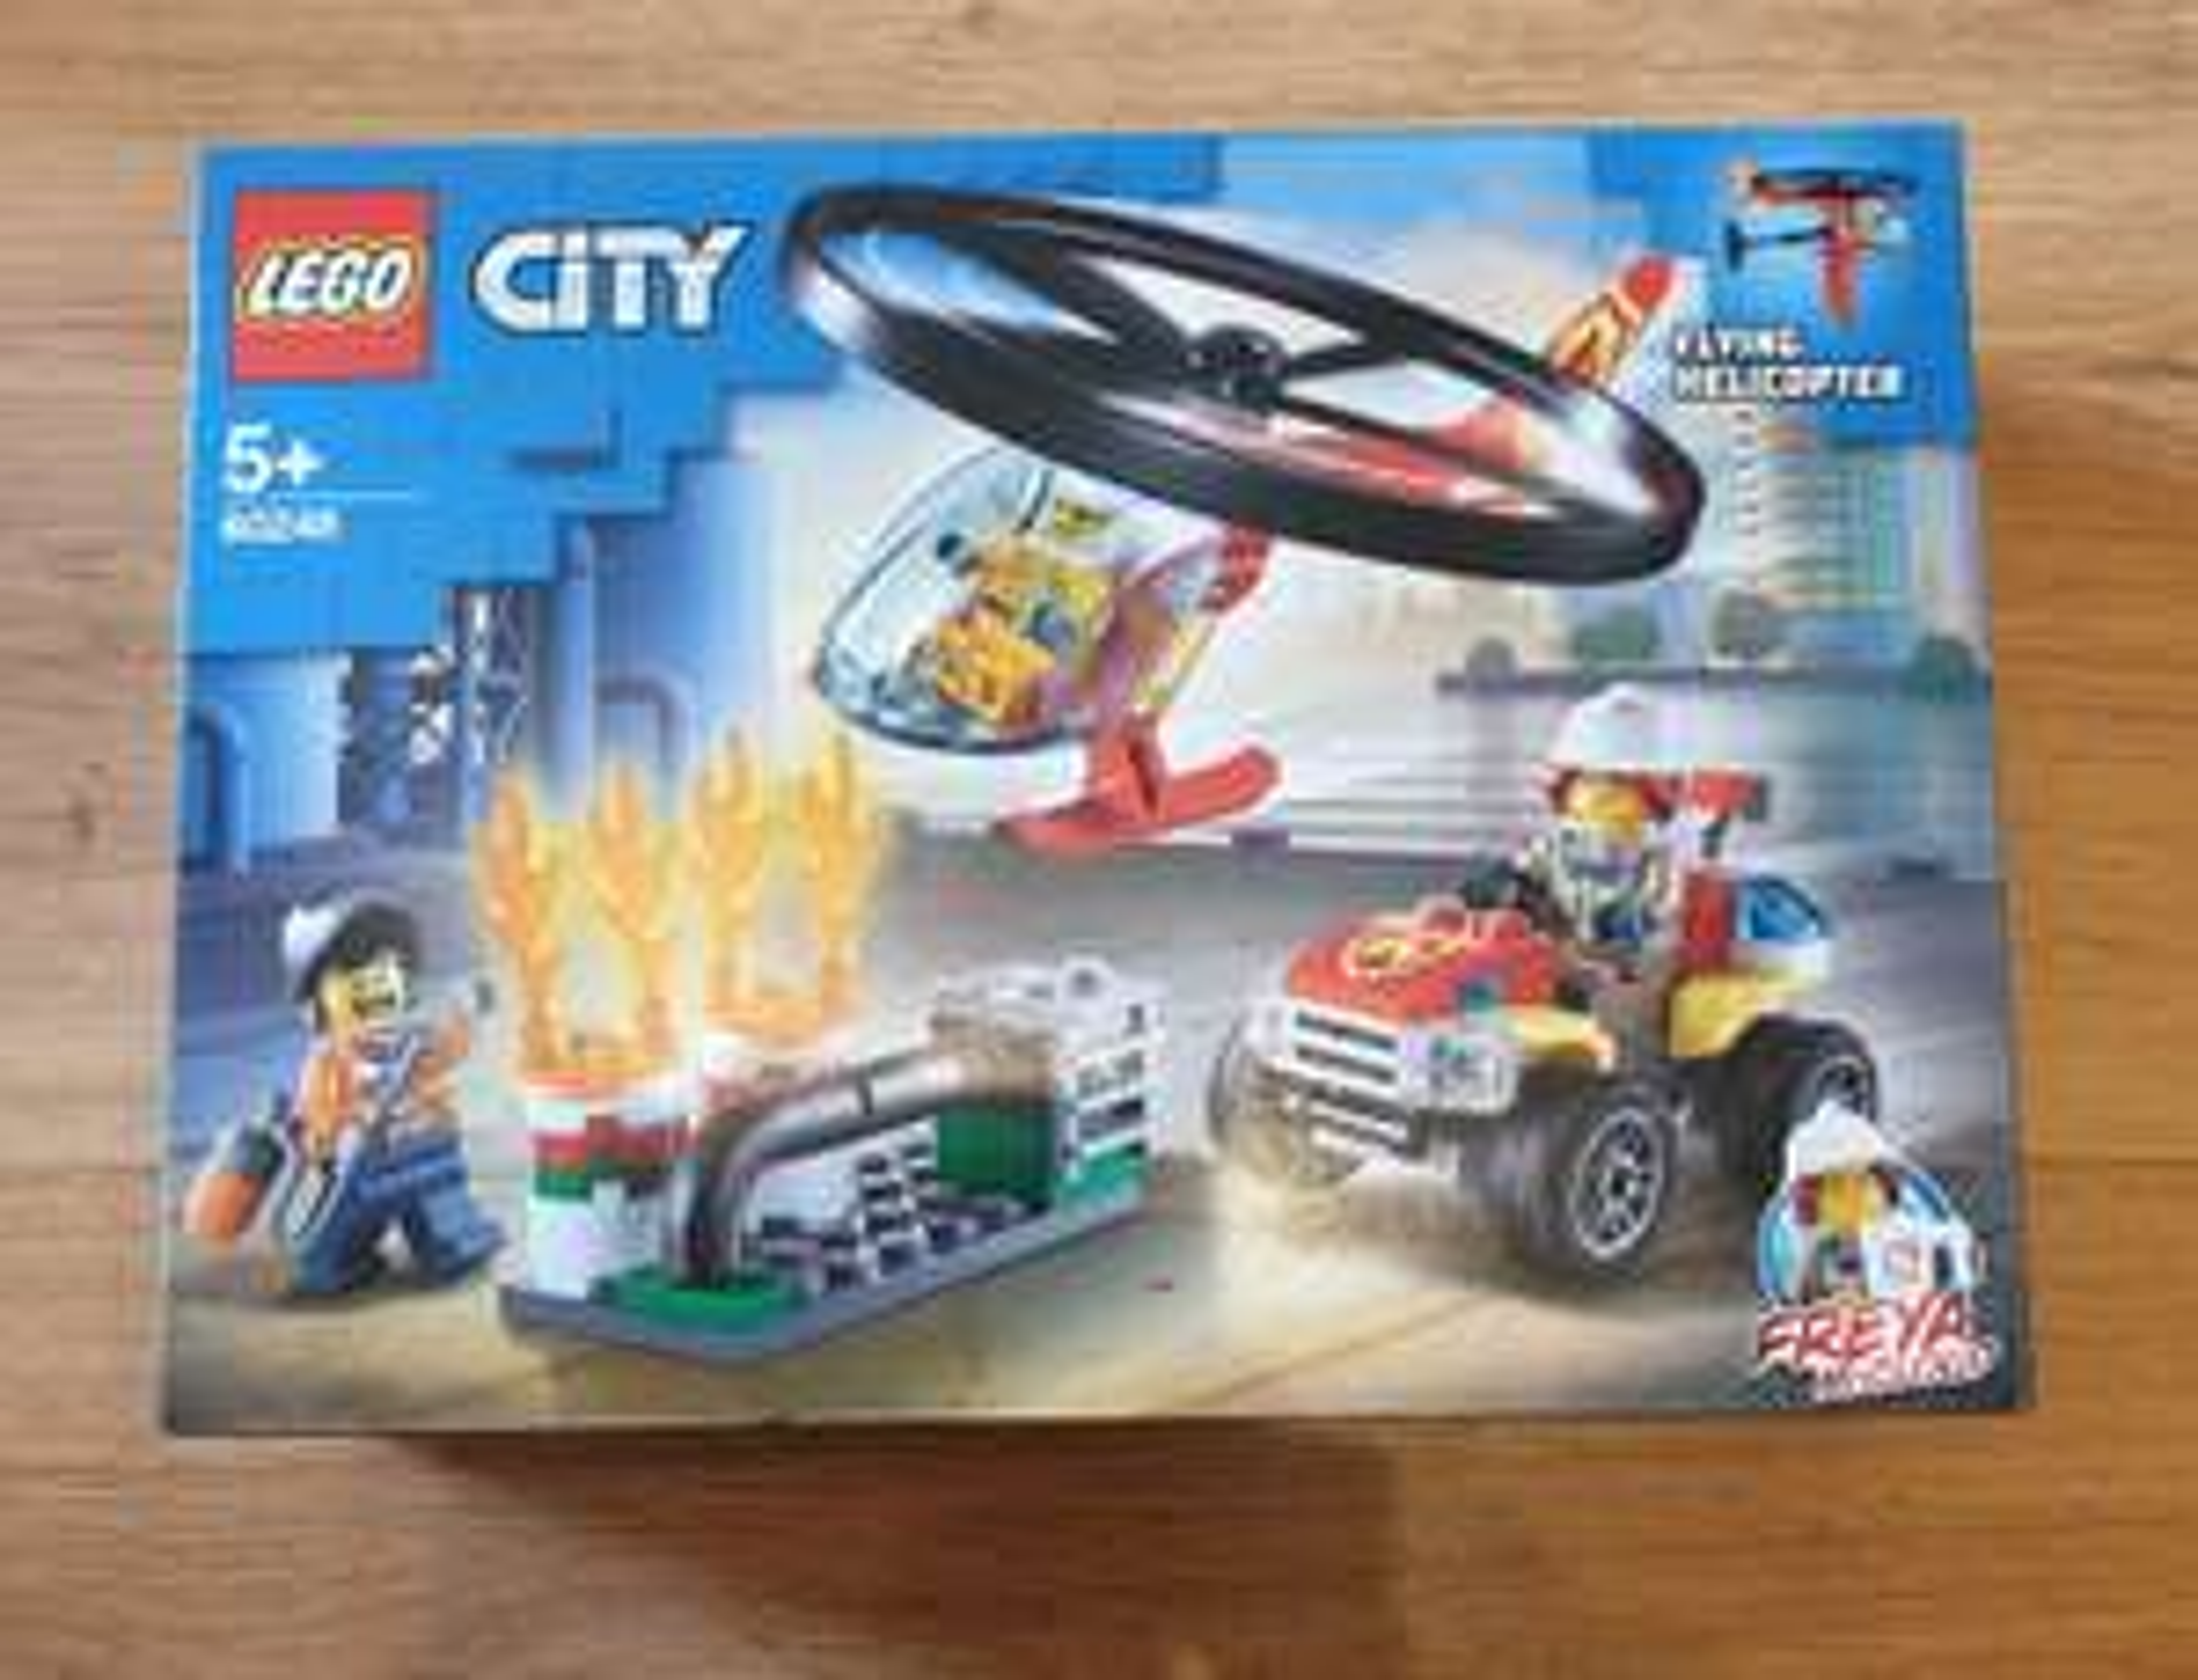 Lego helicopter 60248 £2.25 @ Asda (Nottingham)